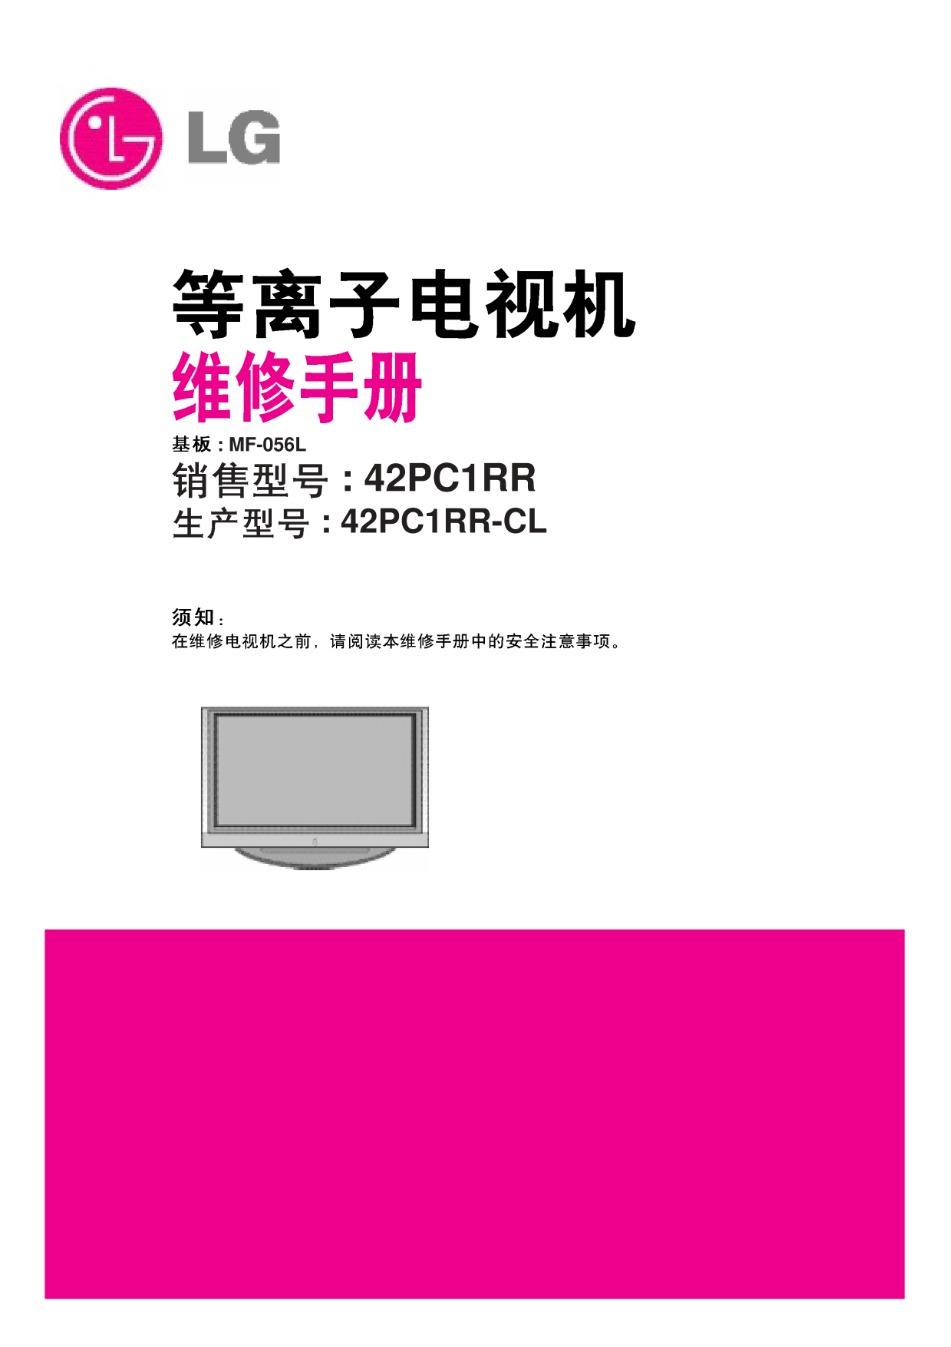 lg plasma tv repair manual